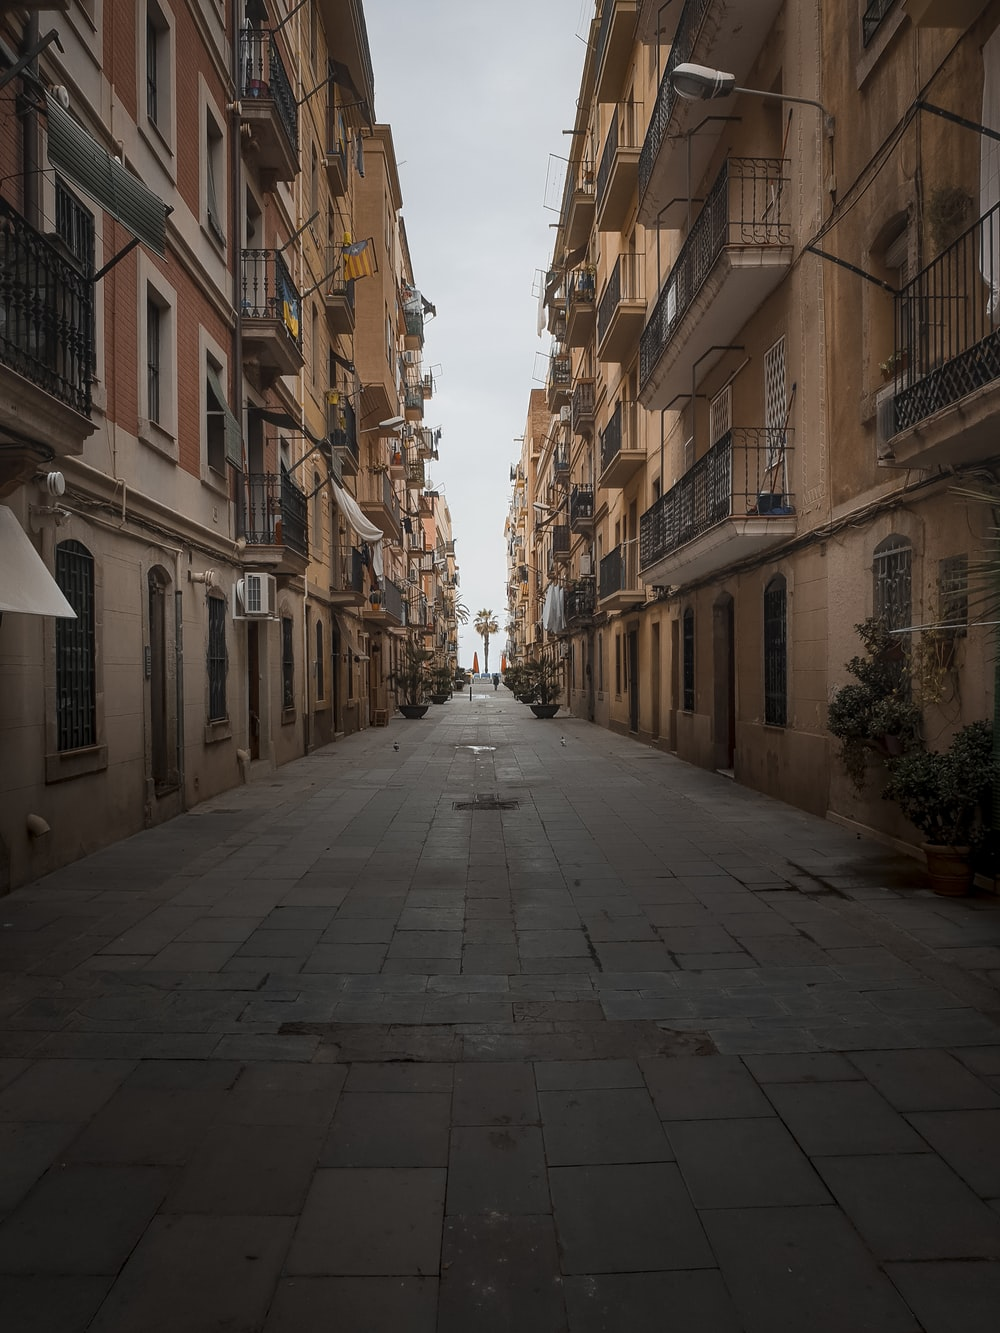 narrow pathway between houses